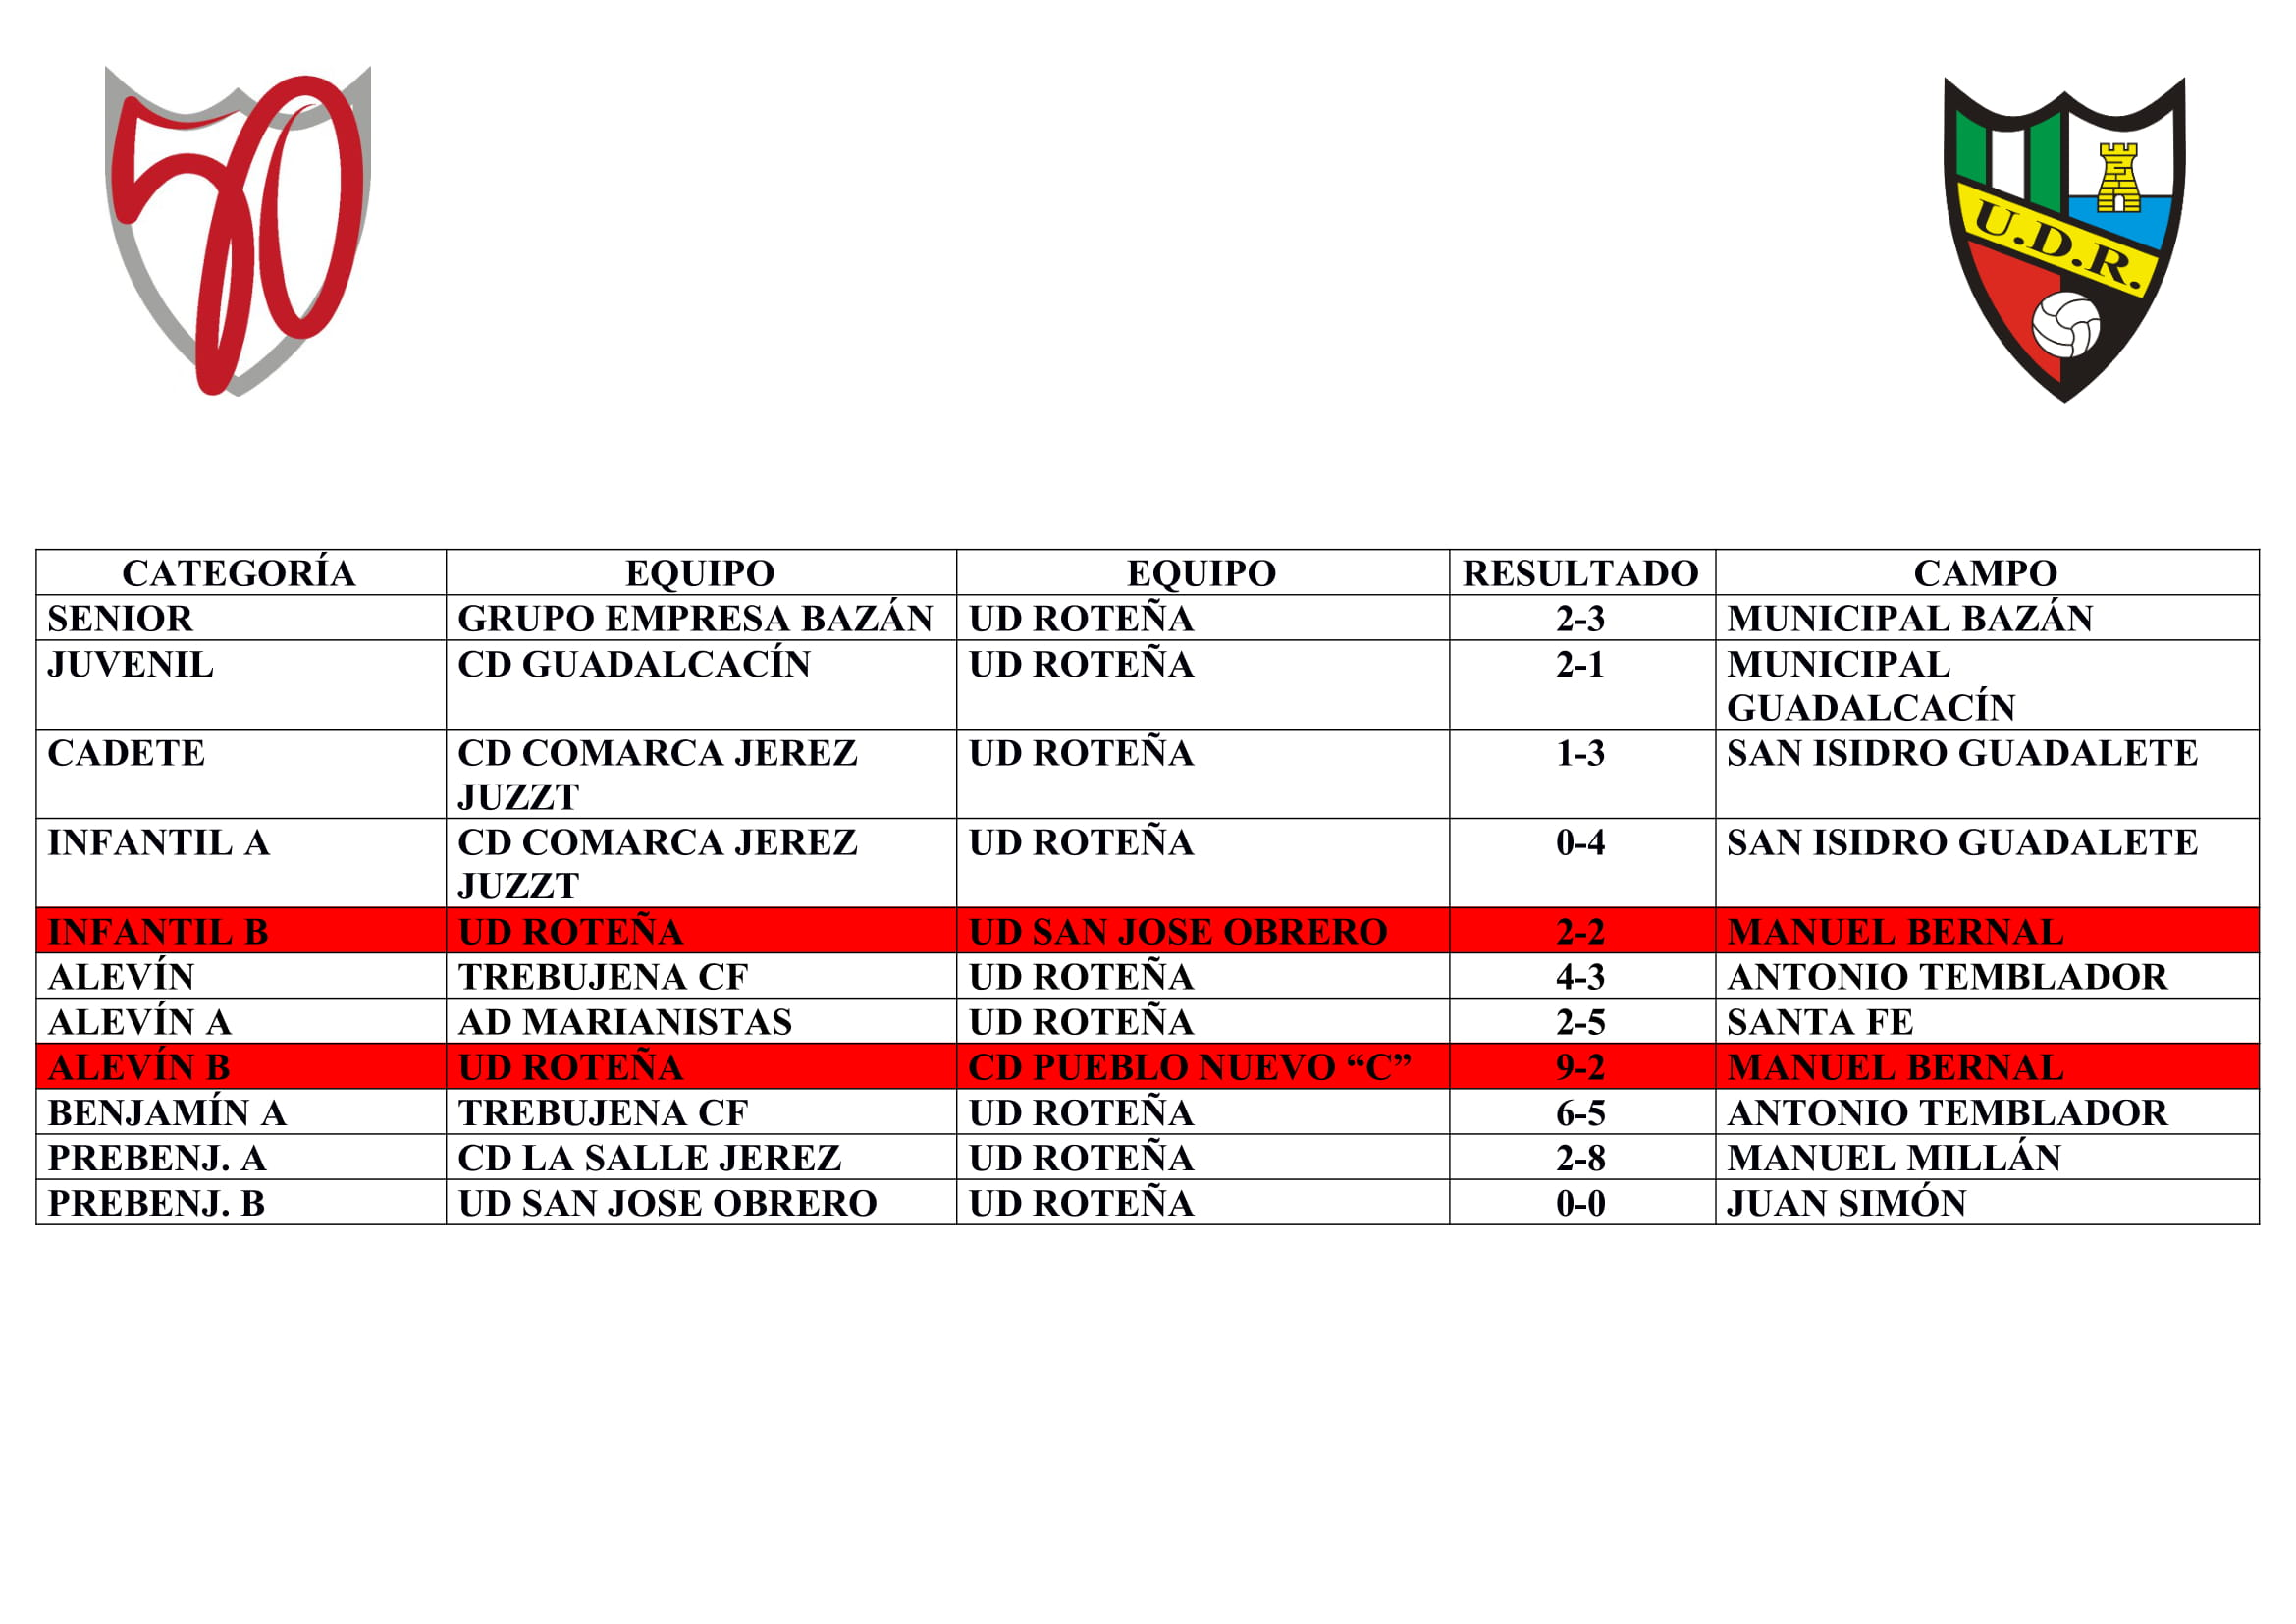 La jornada de nuestros equipos (del 6 al 8 de marzo)